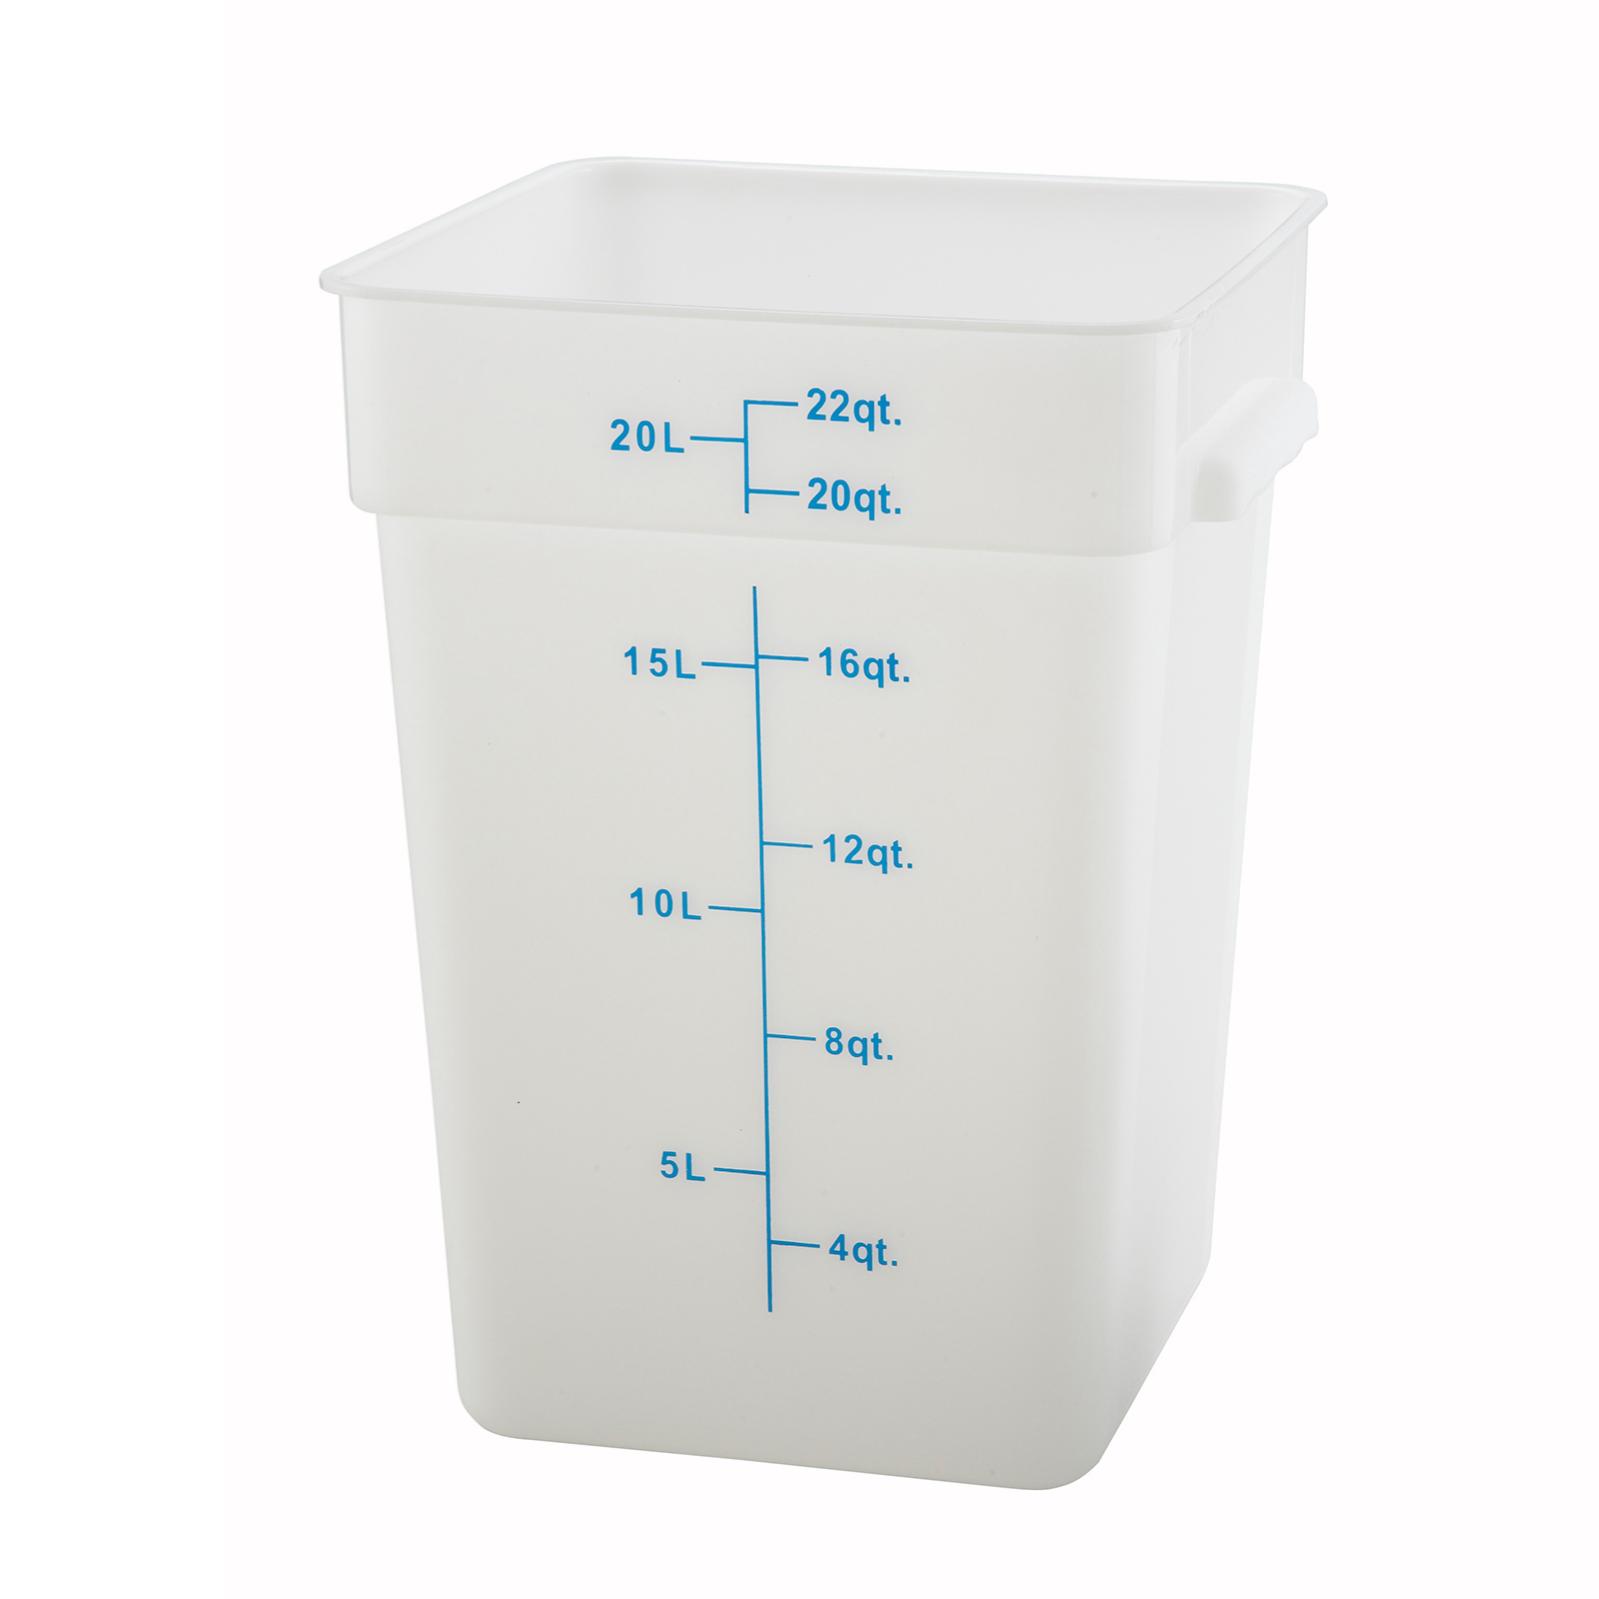 2550-126 Winco Clear Square 22qt Container